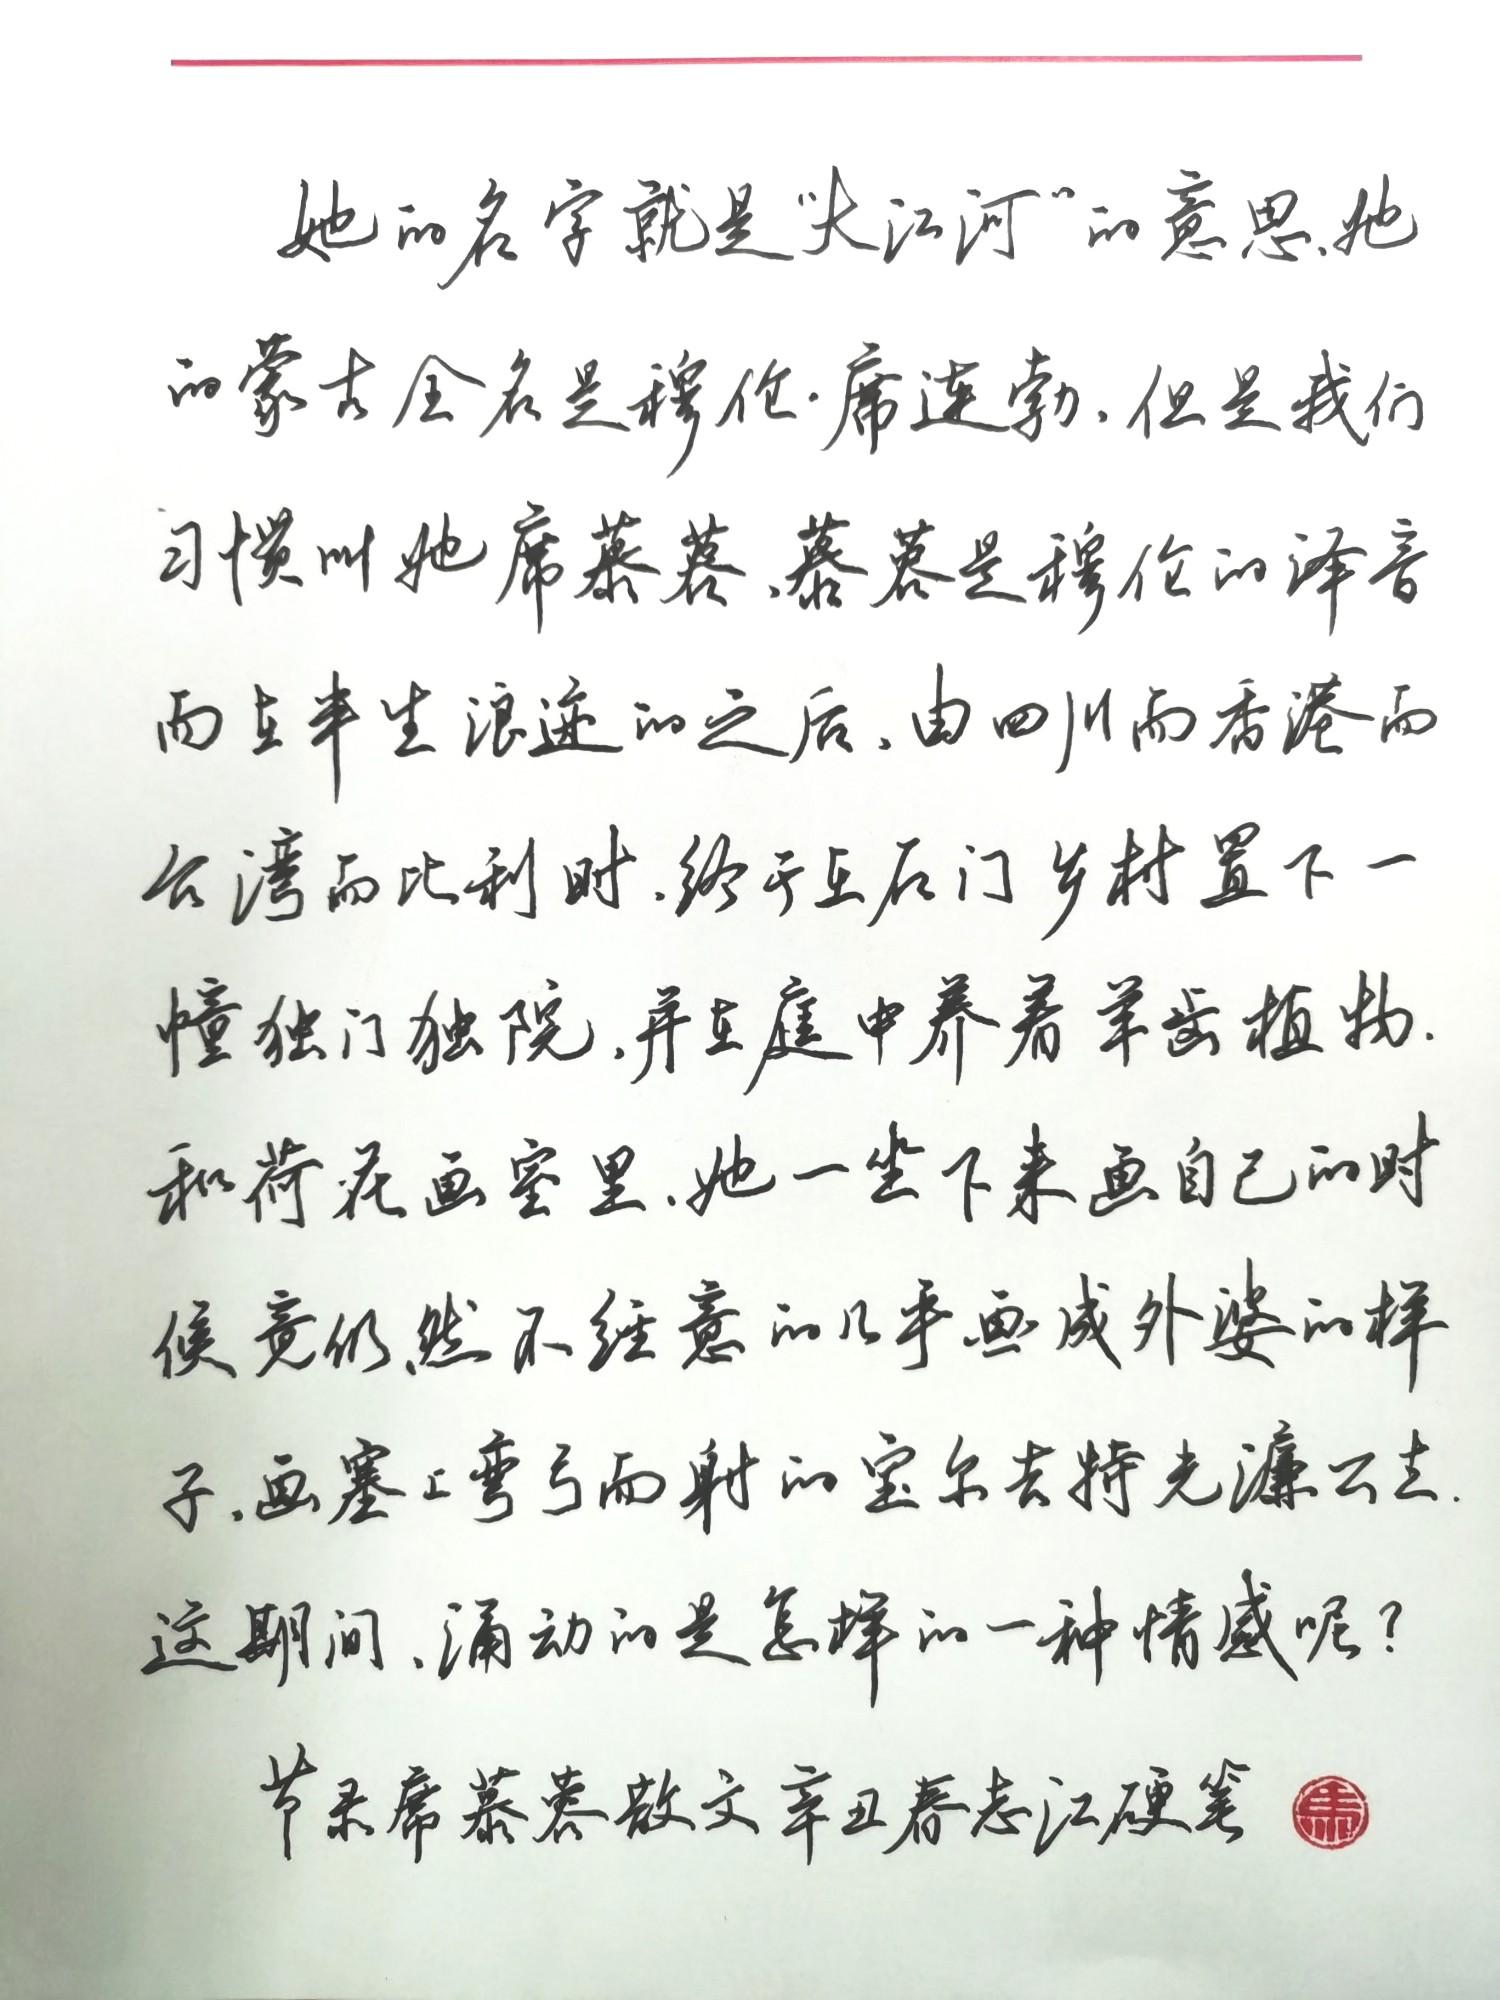 钢笔爱好者练字打卡20210420-13